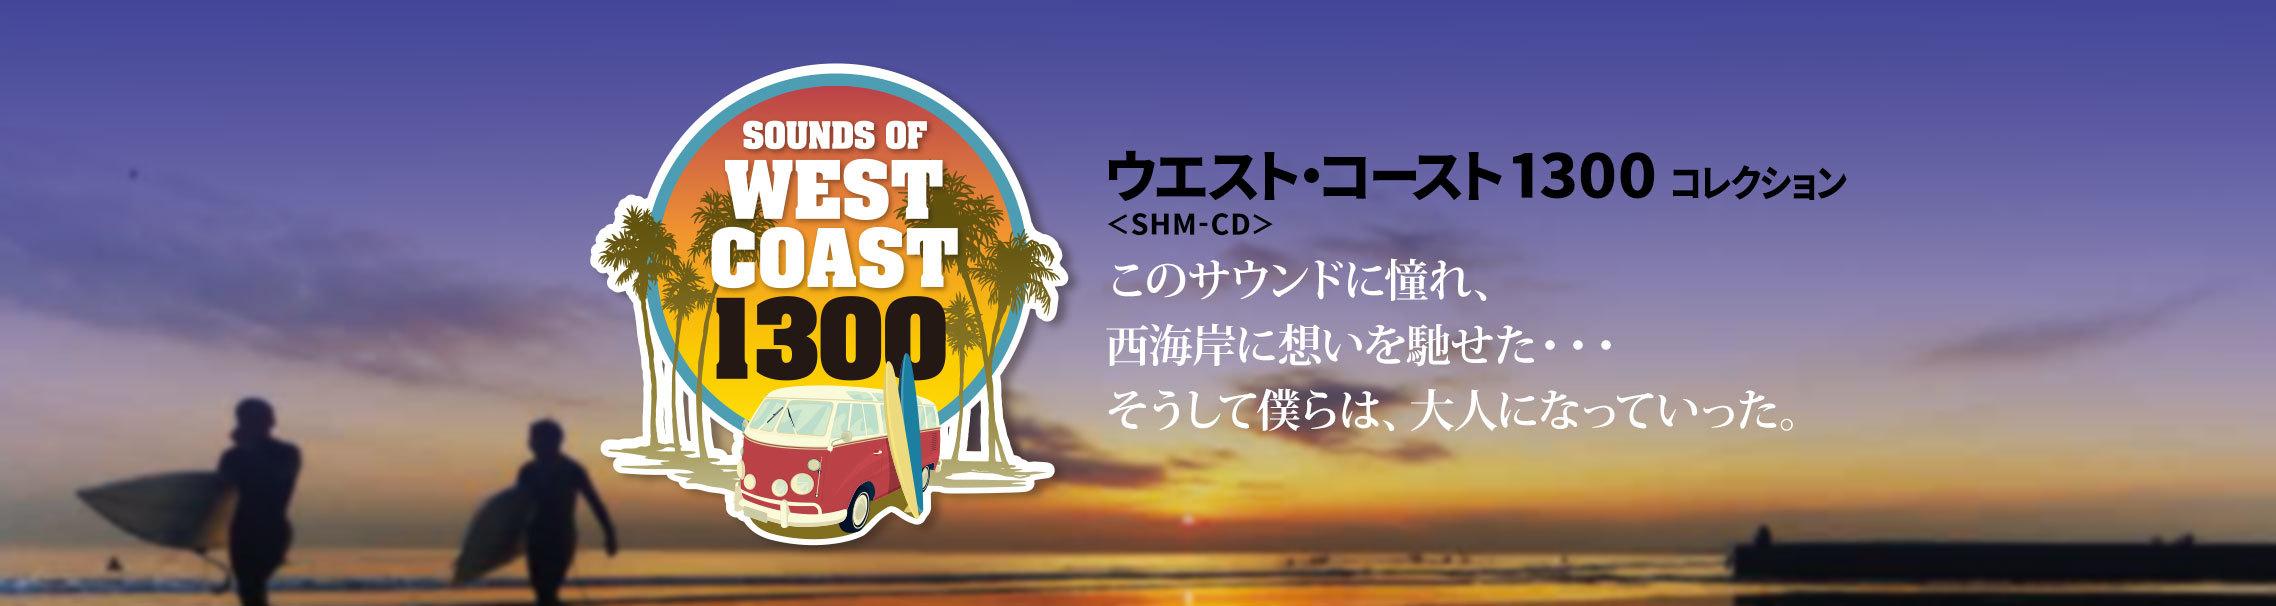 ウエスト コースト1300 コレクション sounds of west coast 1300